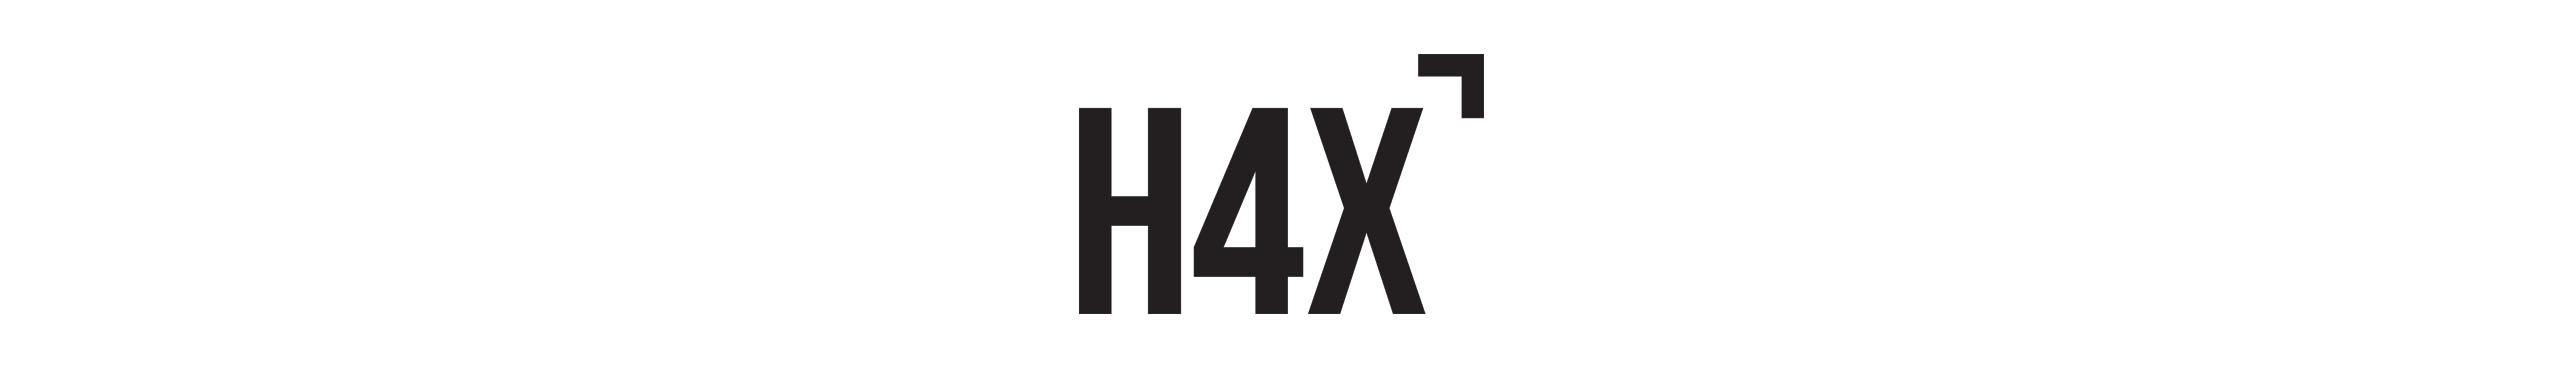 H4X.GG